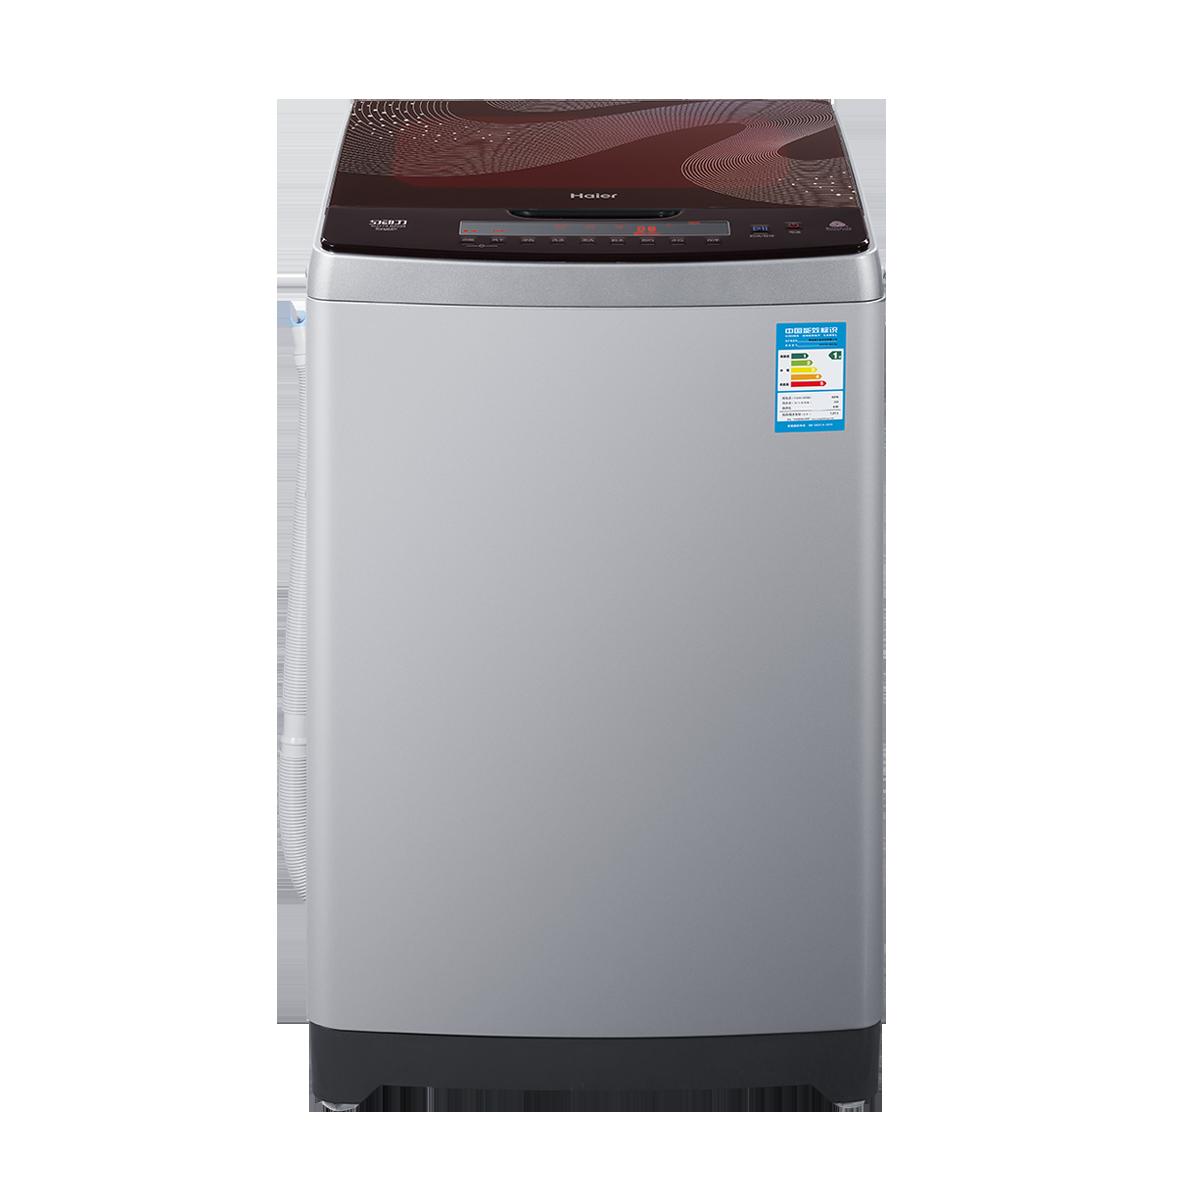 海尔Haier洗衣机 XQY75-BZ228 说明书